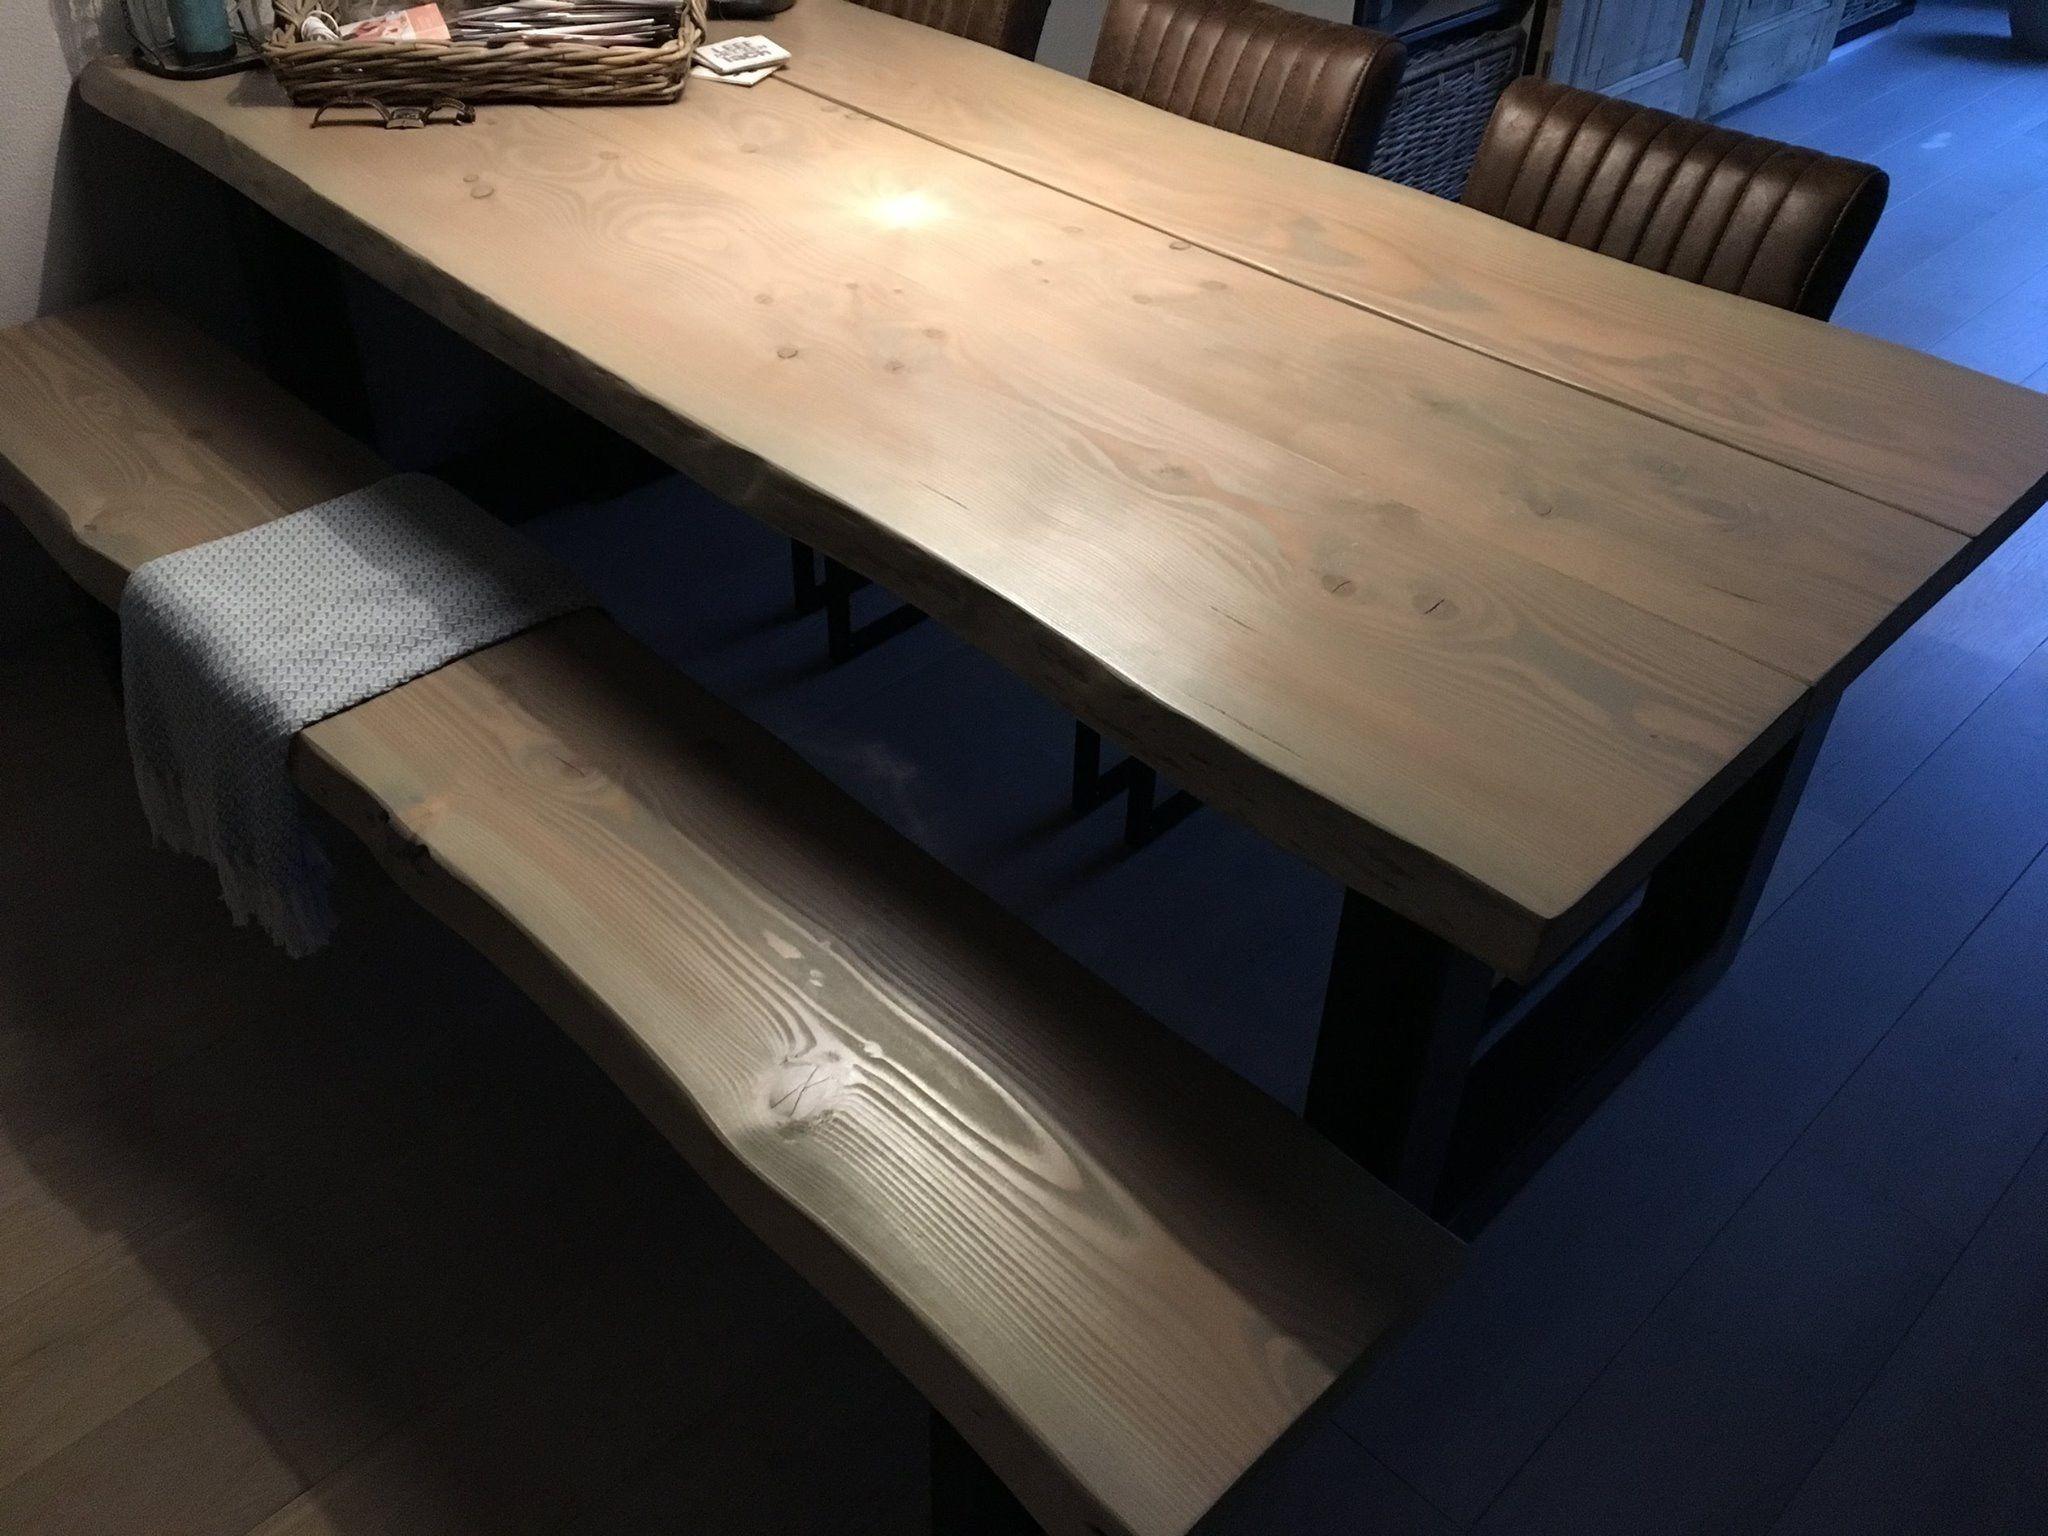 Douglas tafel en bank met greywash afwerking. vraag aan berg24 om de